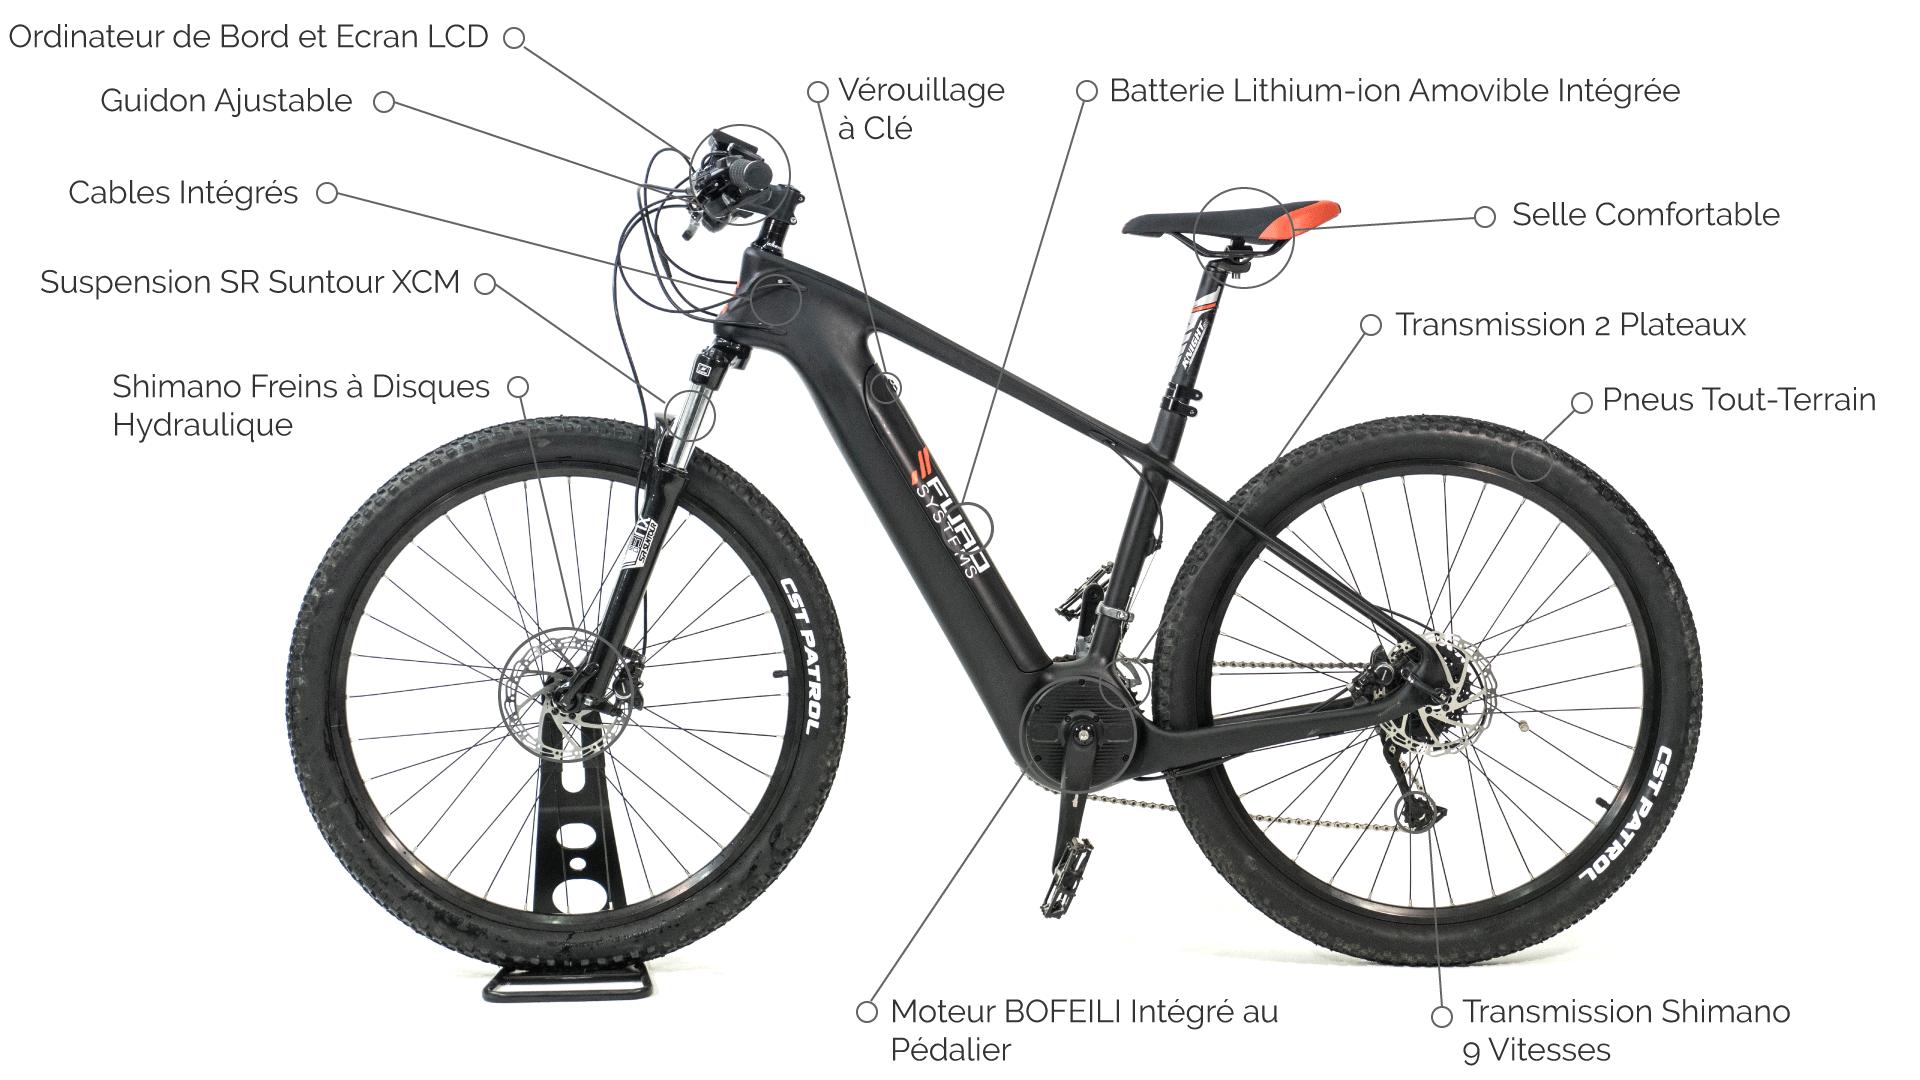 VTT électrique SIERRA caractéristiques